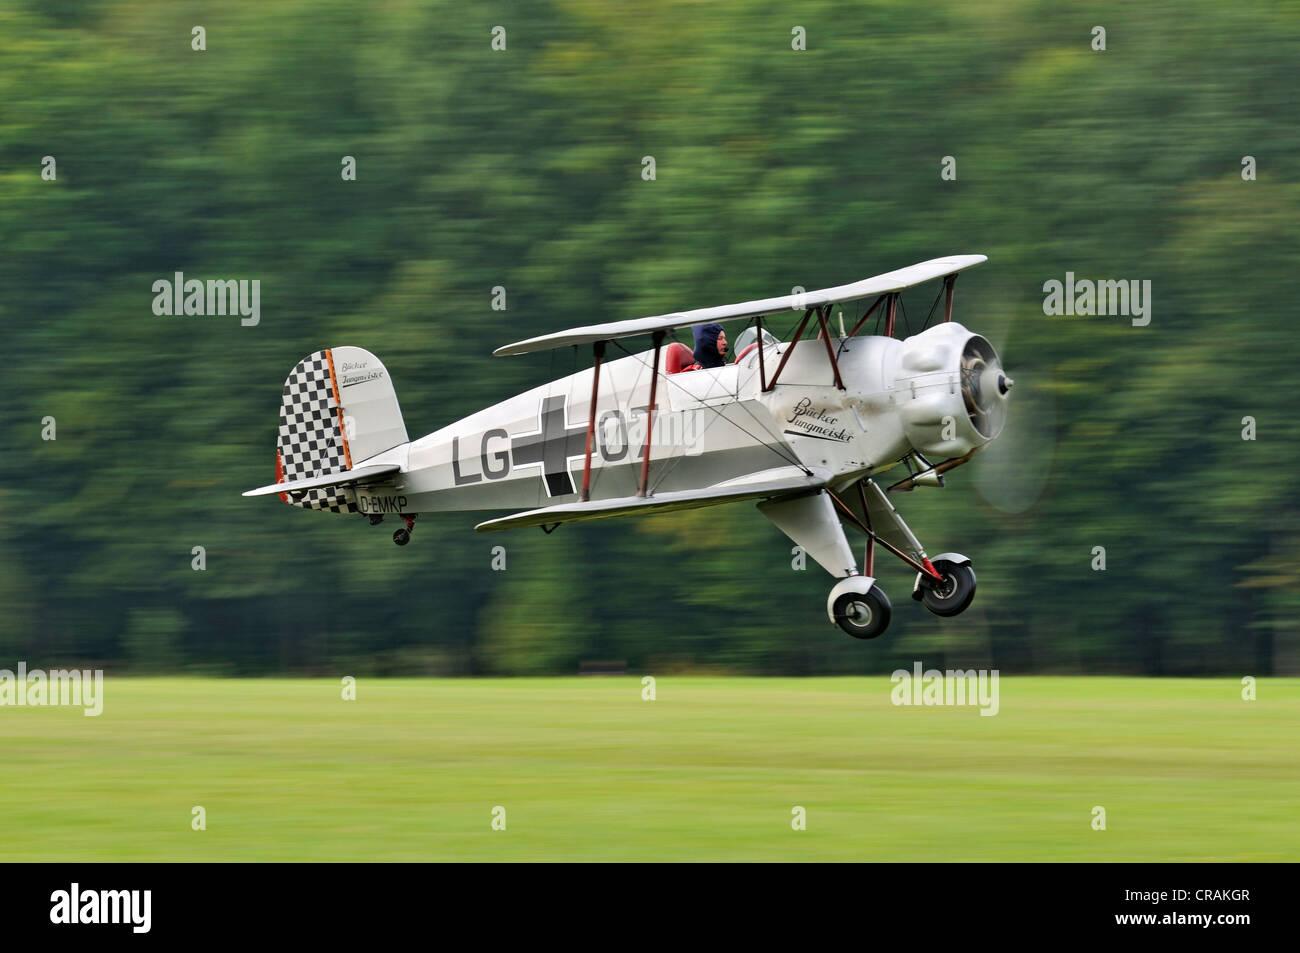 711-2-131 Jungmeister Buecker allemand biplan, premier vol en 1935, la plus grande réunion des aéronefs Photo Stock